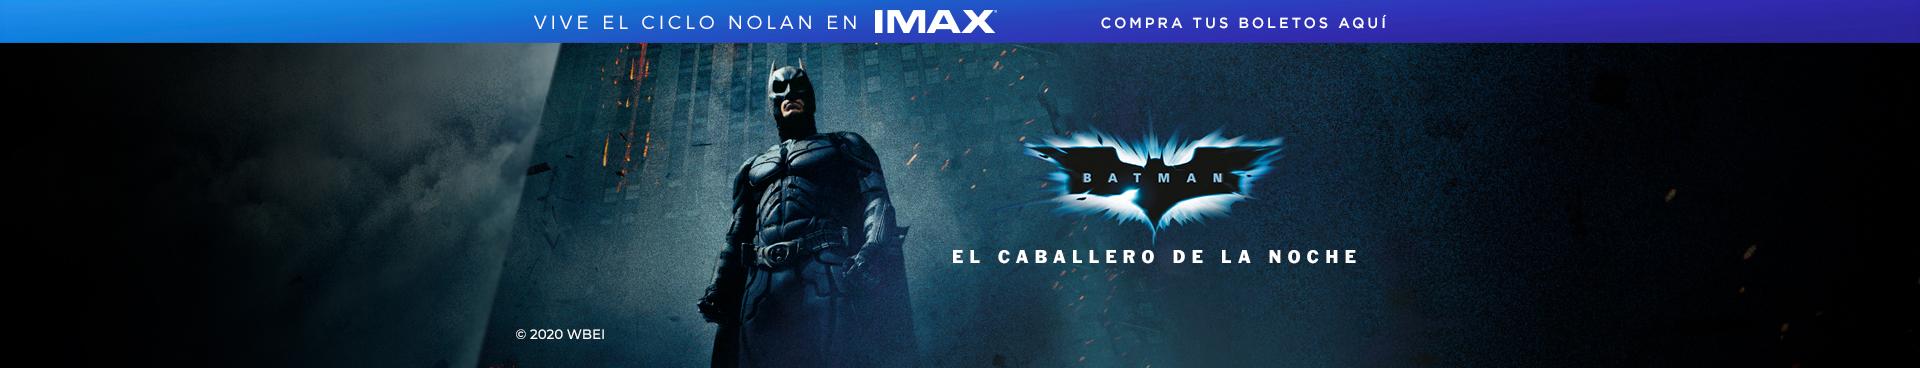 Ciclo Nolan: Batman: El Caballero de la Noche